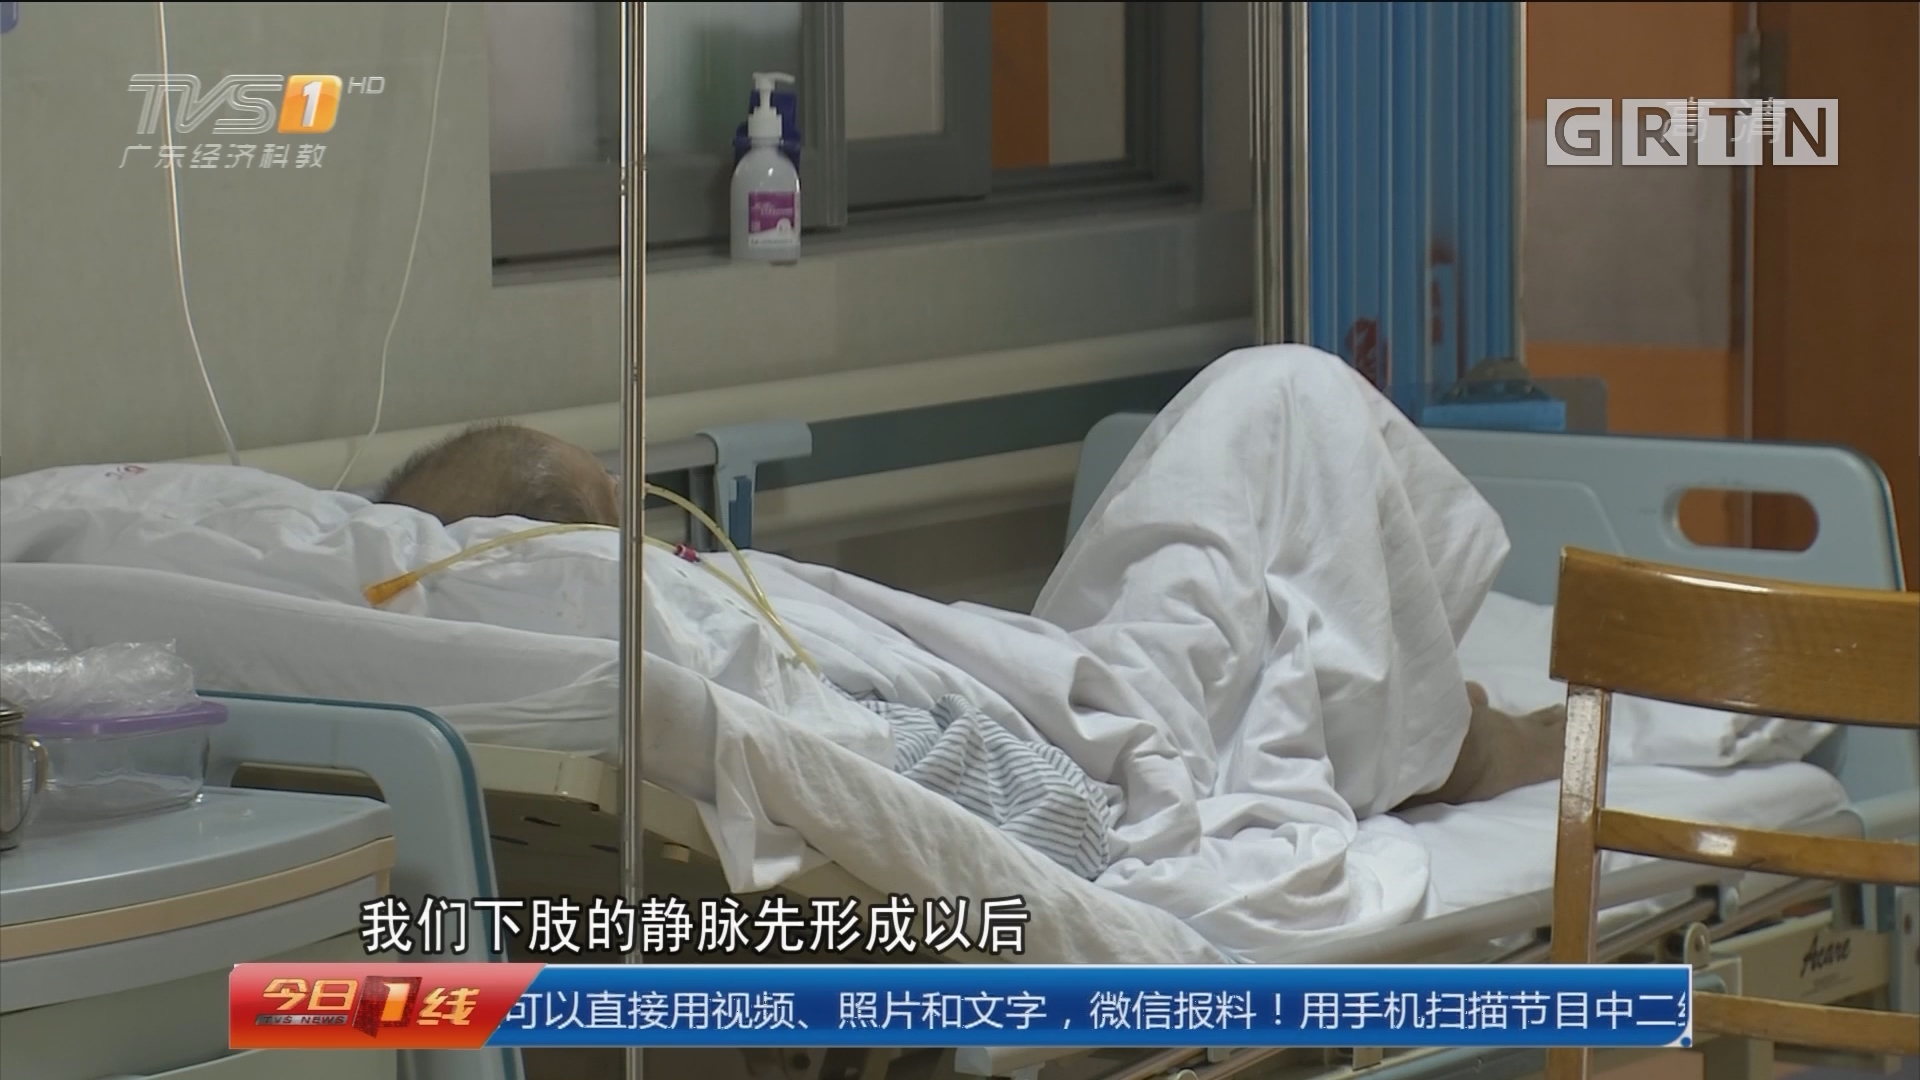 广州:男子久坐打麻将 造成血管堵塞